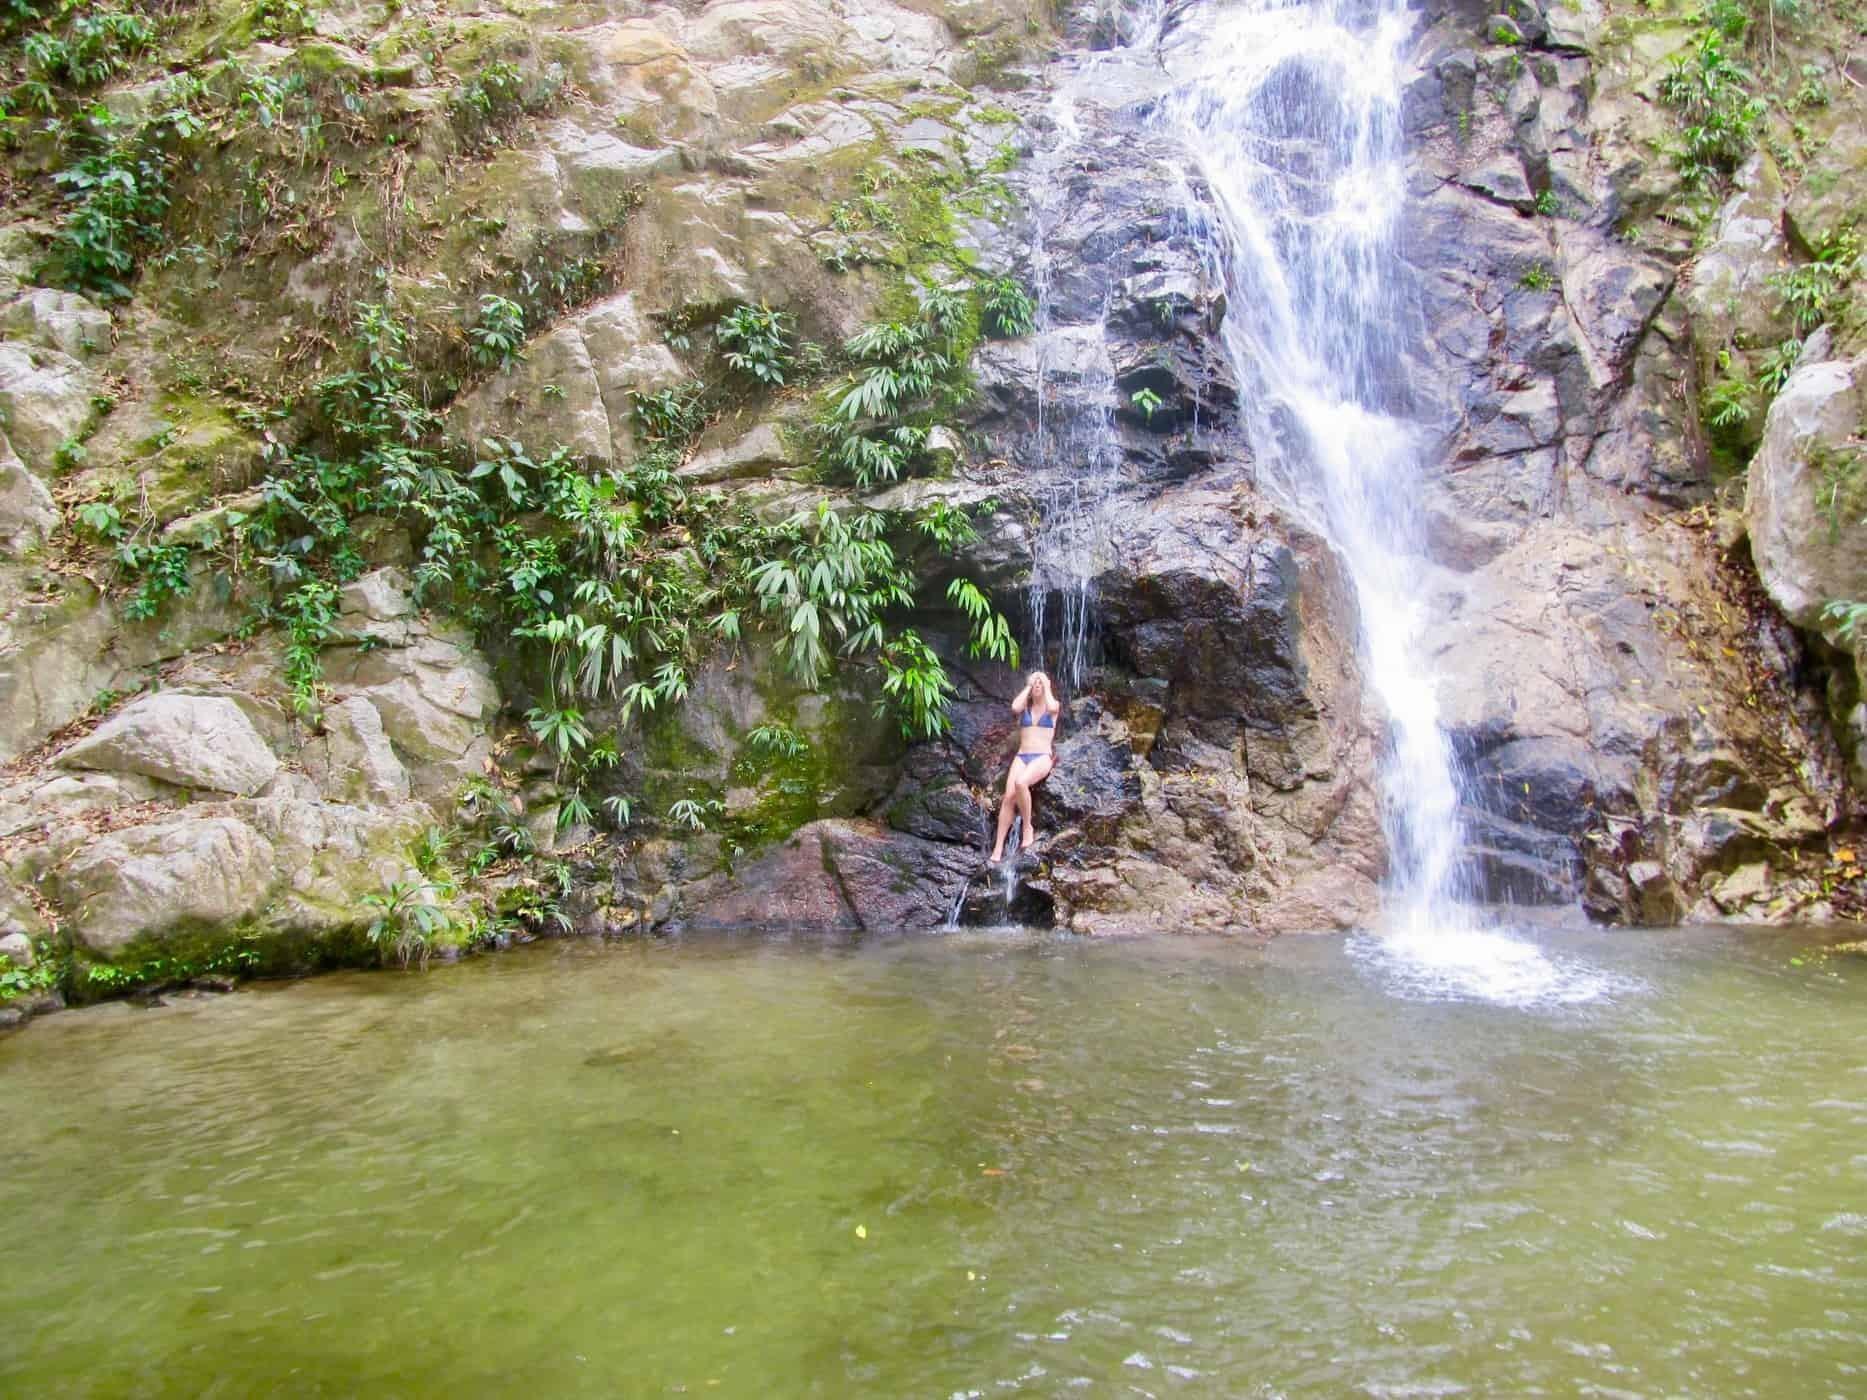 Las Cascadas de Marinka. Waterfall in Minca, Colombia.